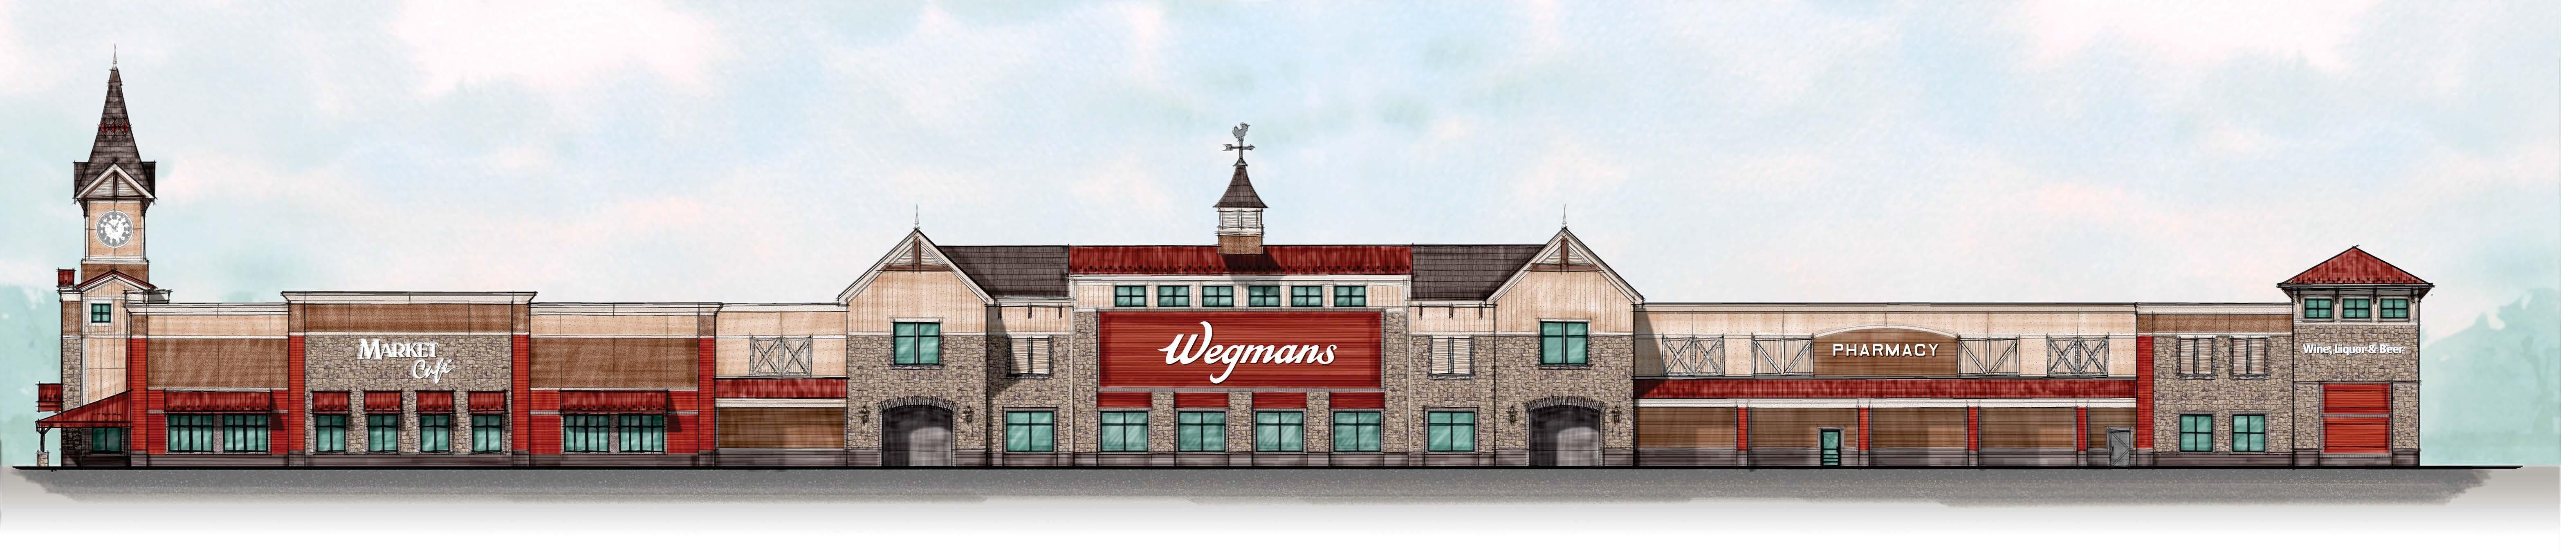 Alexandria Wegmans to open in June